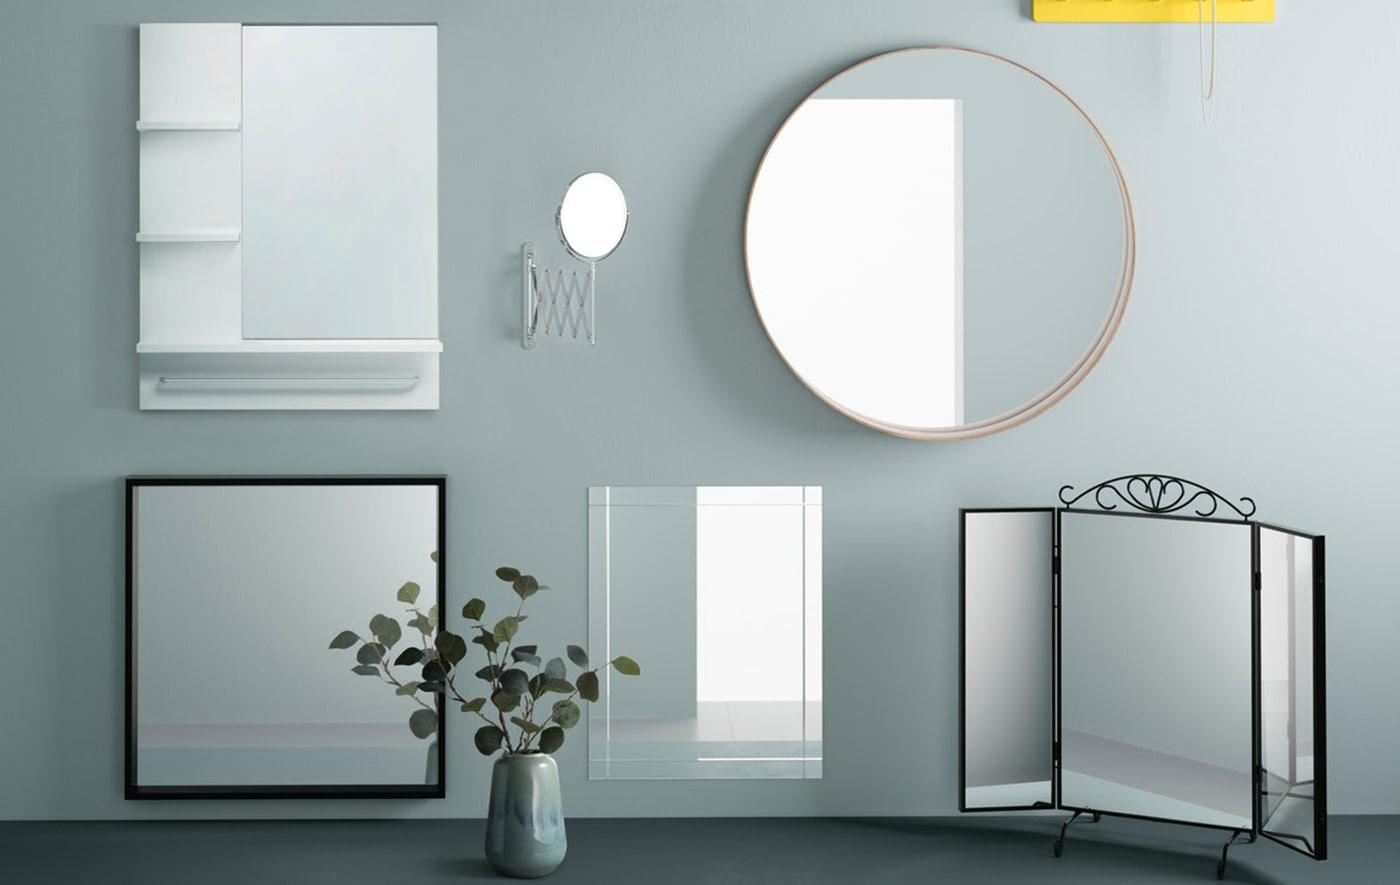 Crea un collage di specchi